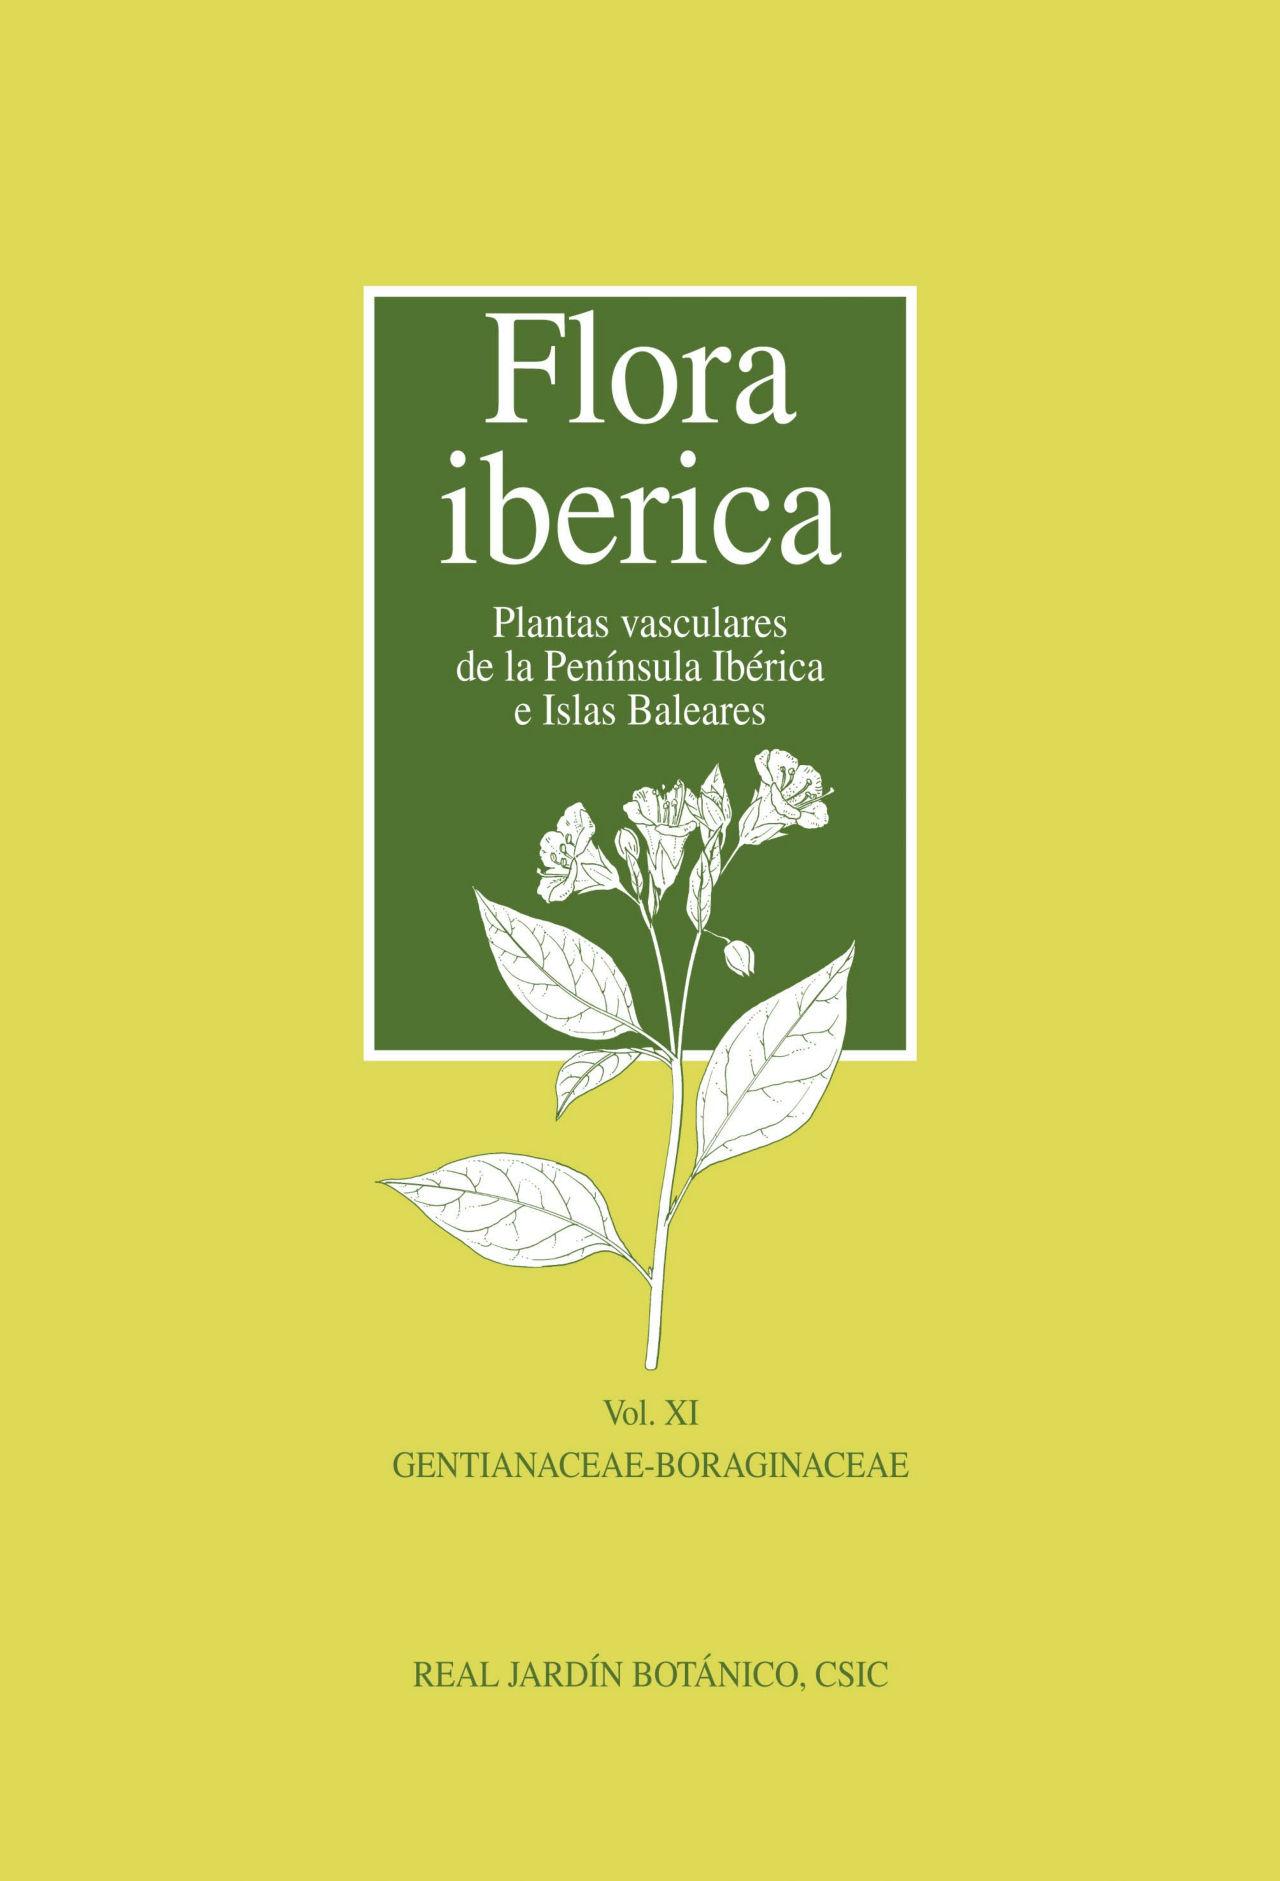 Flora iberica Plantas vasculares de la Península Ibérica e Islas Baleares Vol.Ⅺ GENTIANACEAE-BORAGINACEAE